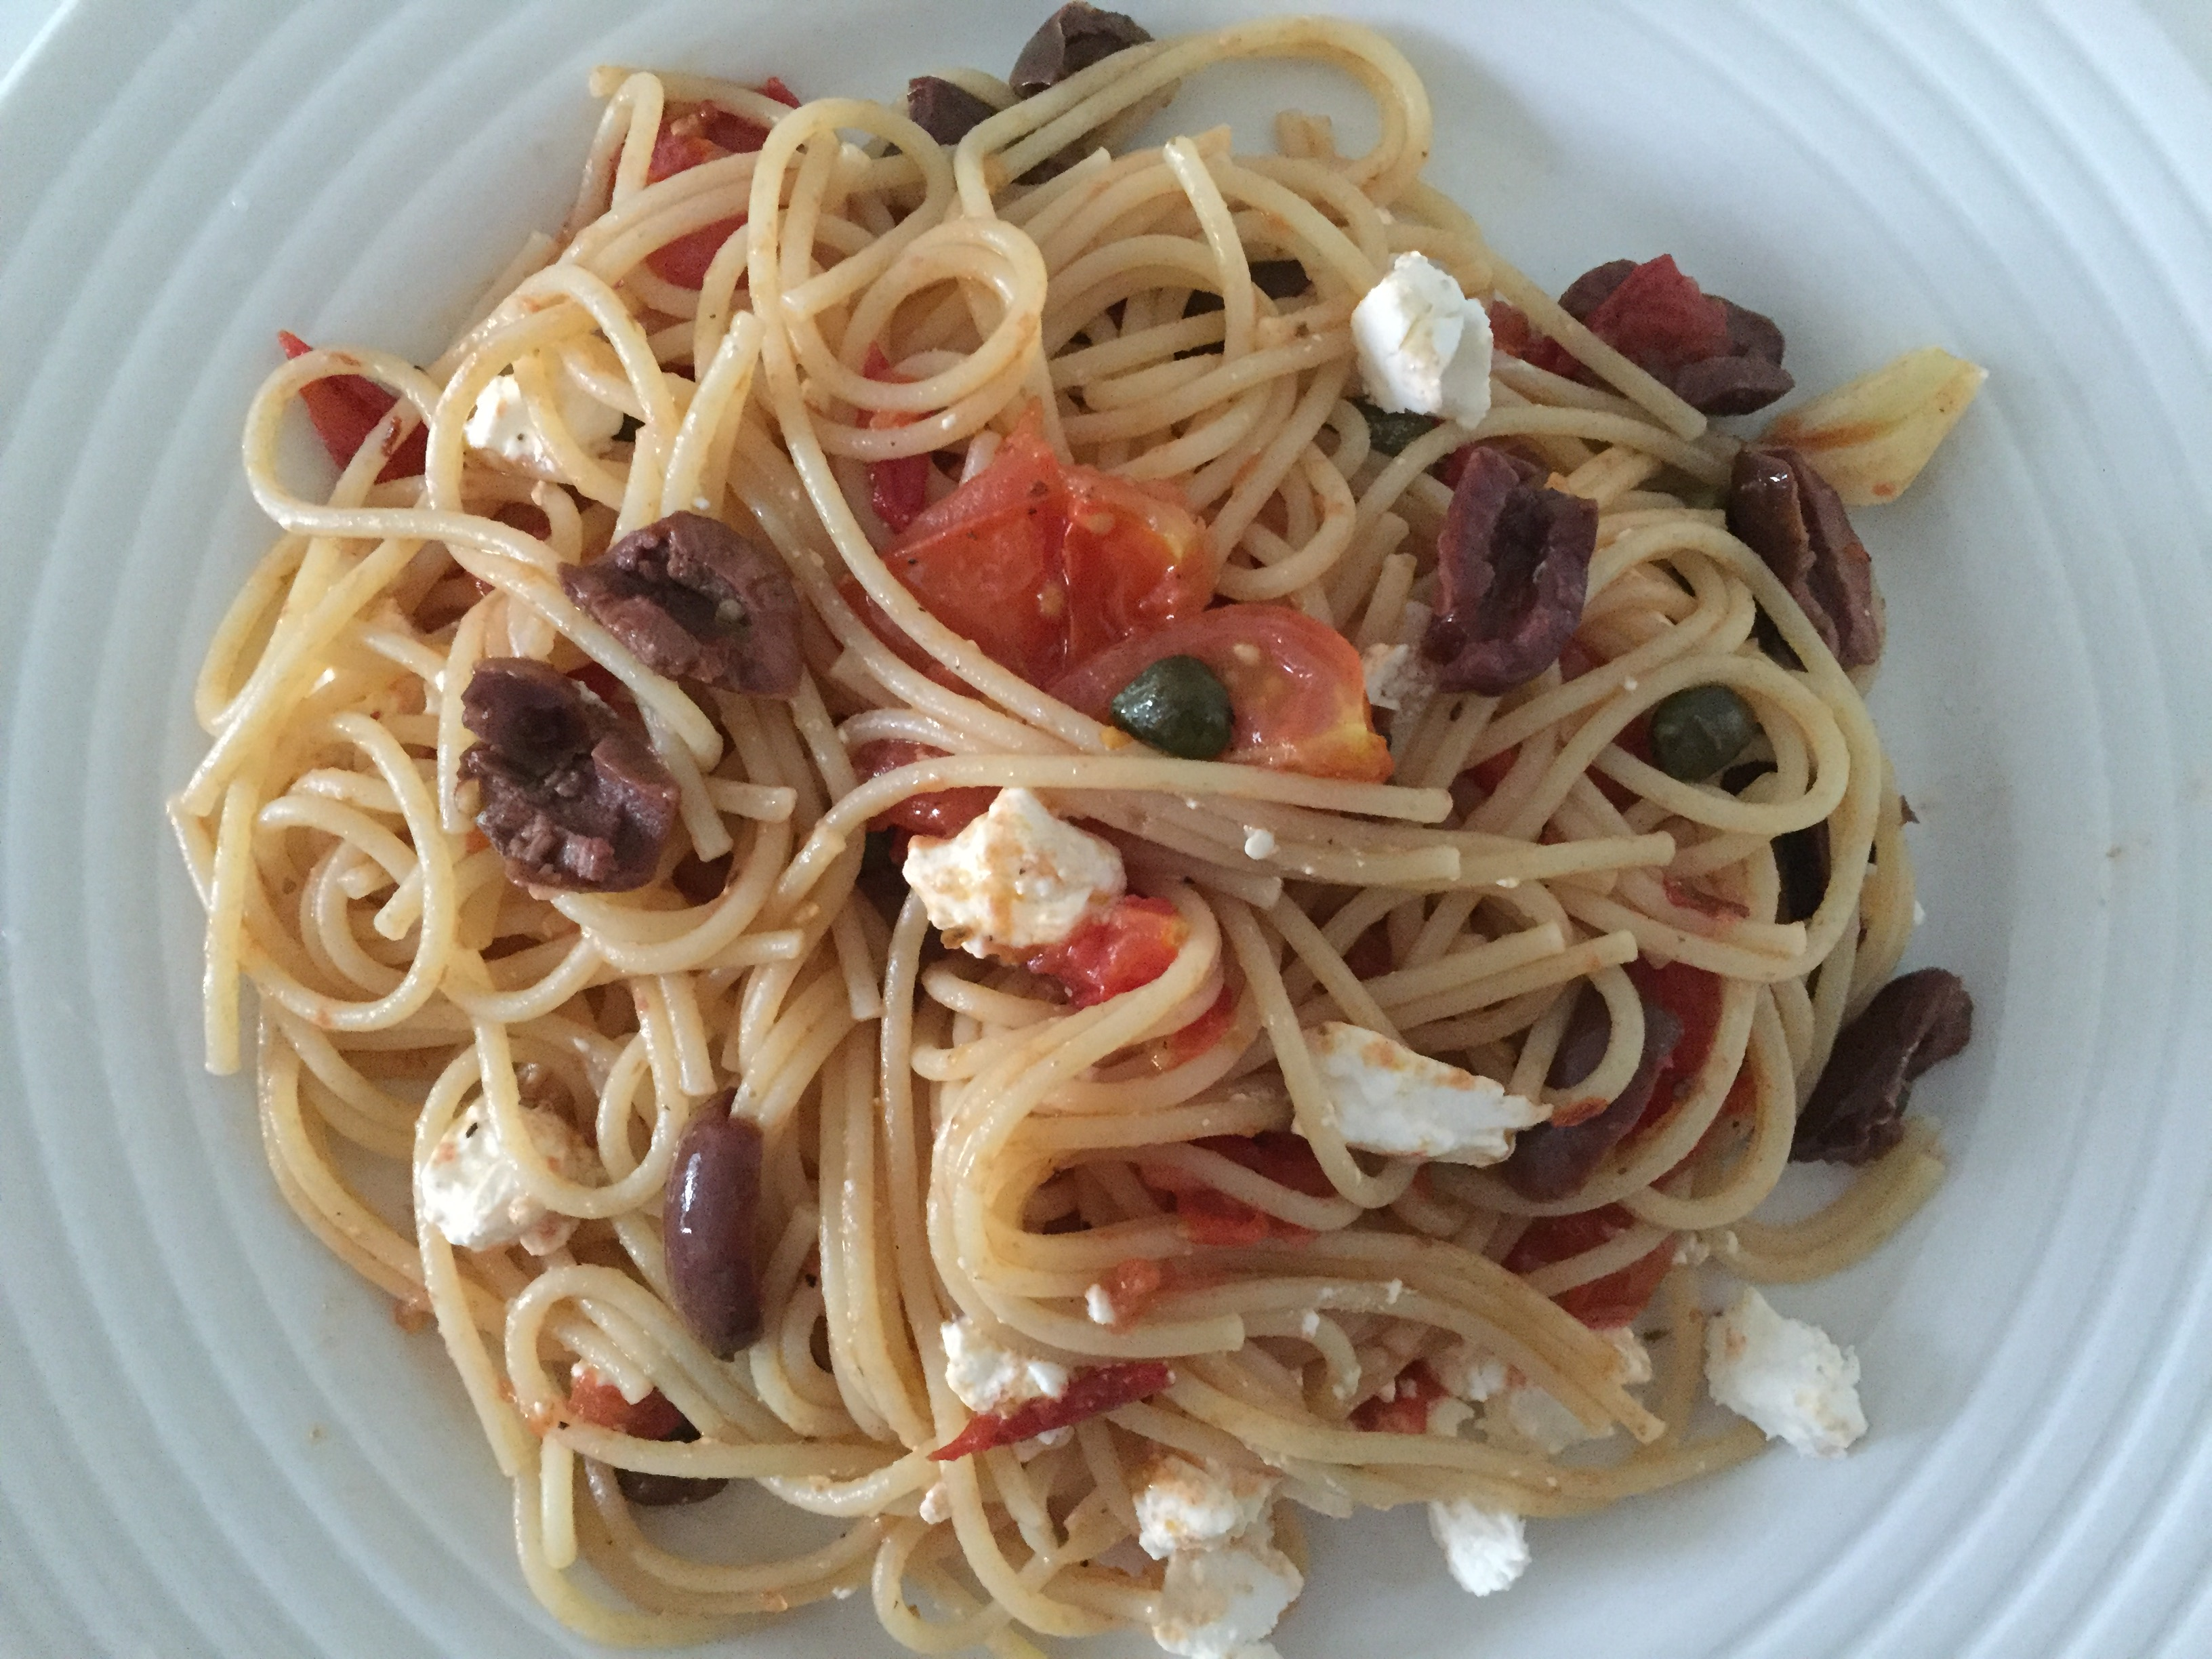 Feta, tomatoes & olives spaghetti